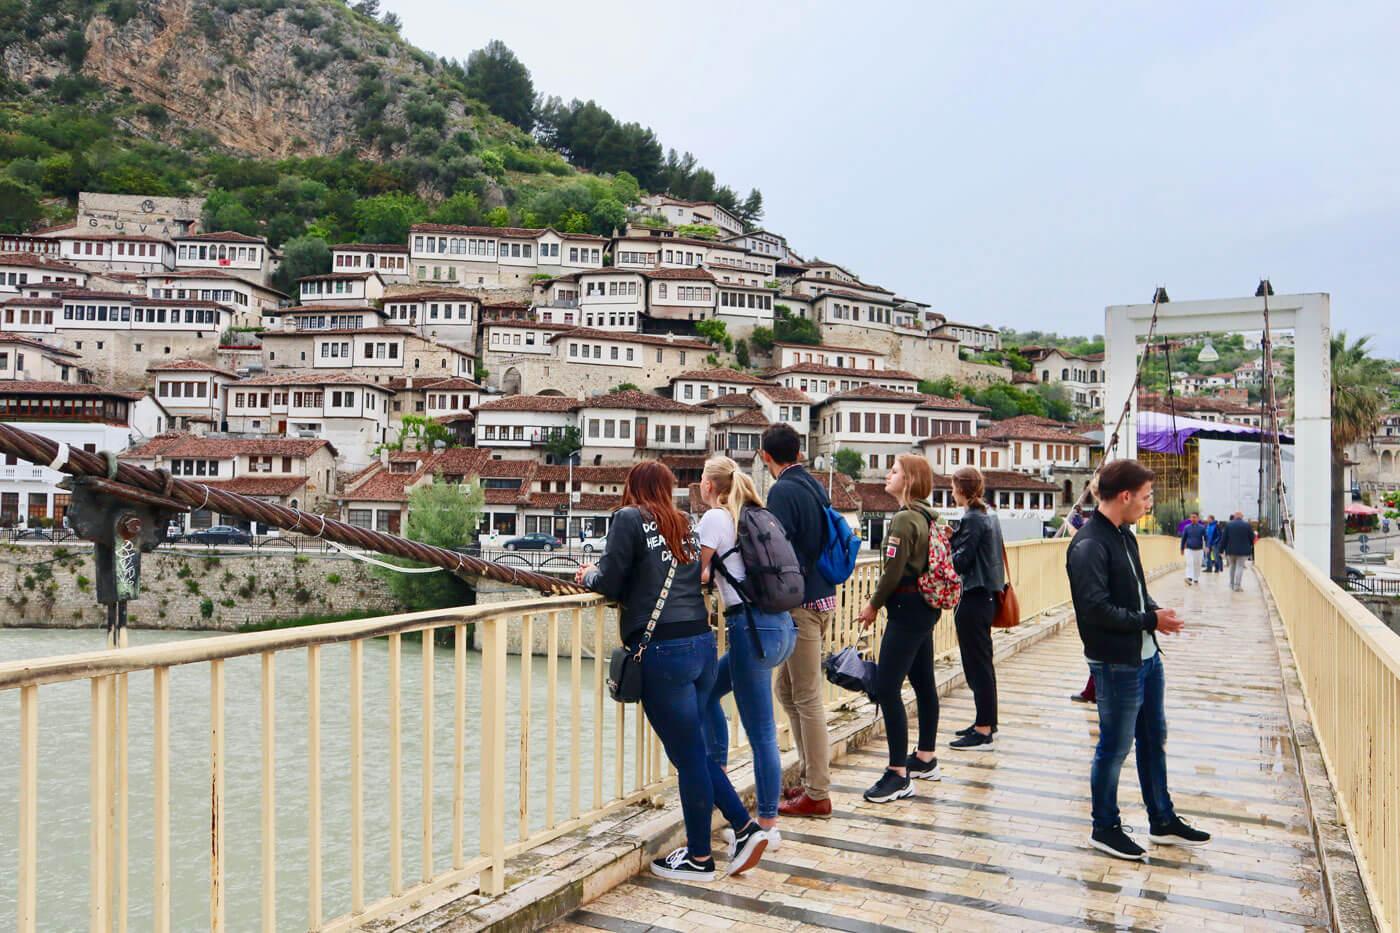 berat kijkend naar de ottomaanse huizen